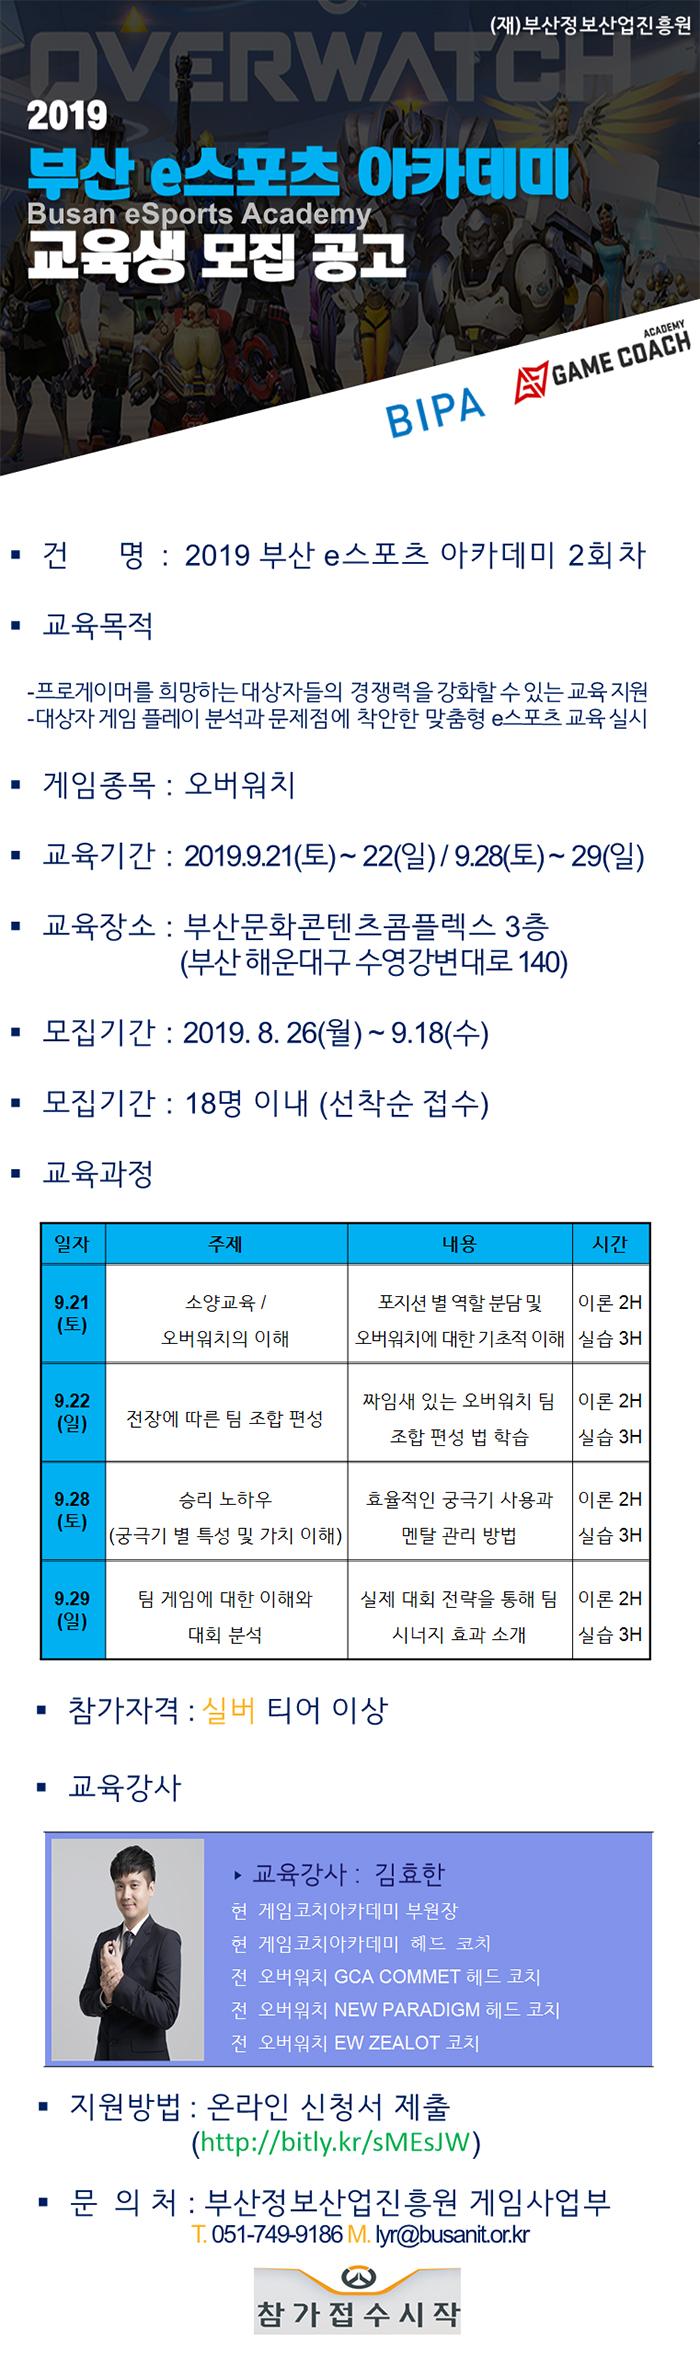 2019 부산 e스포츠 아카데미 교육생 모집공고